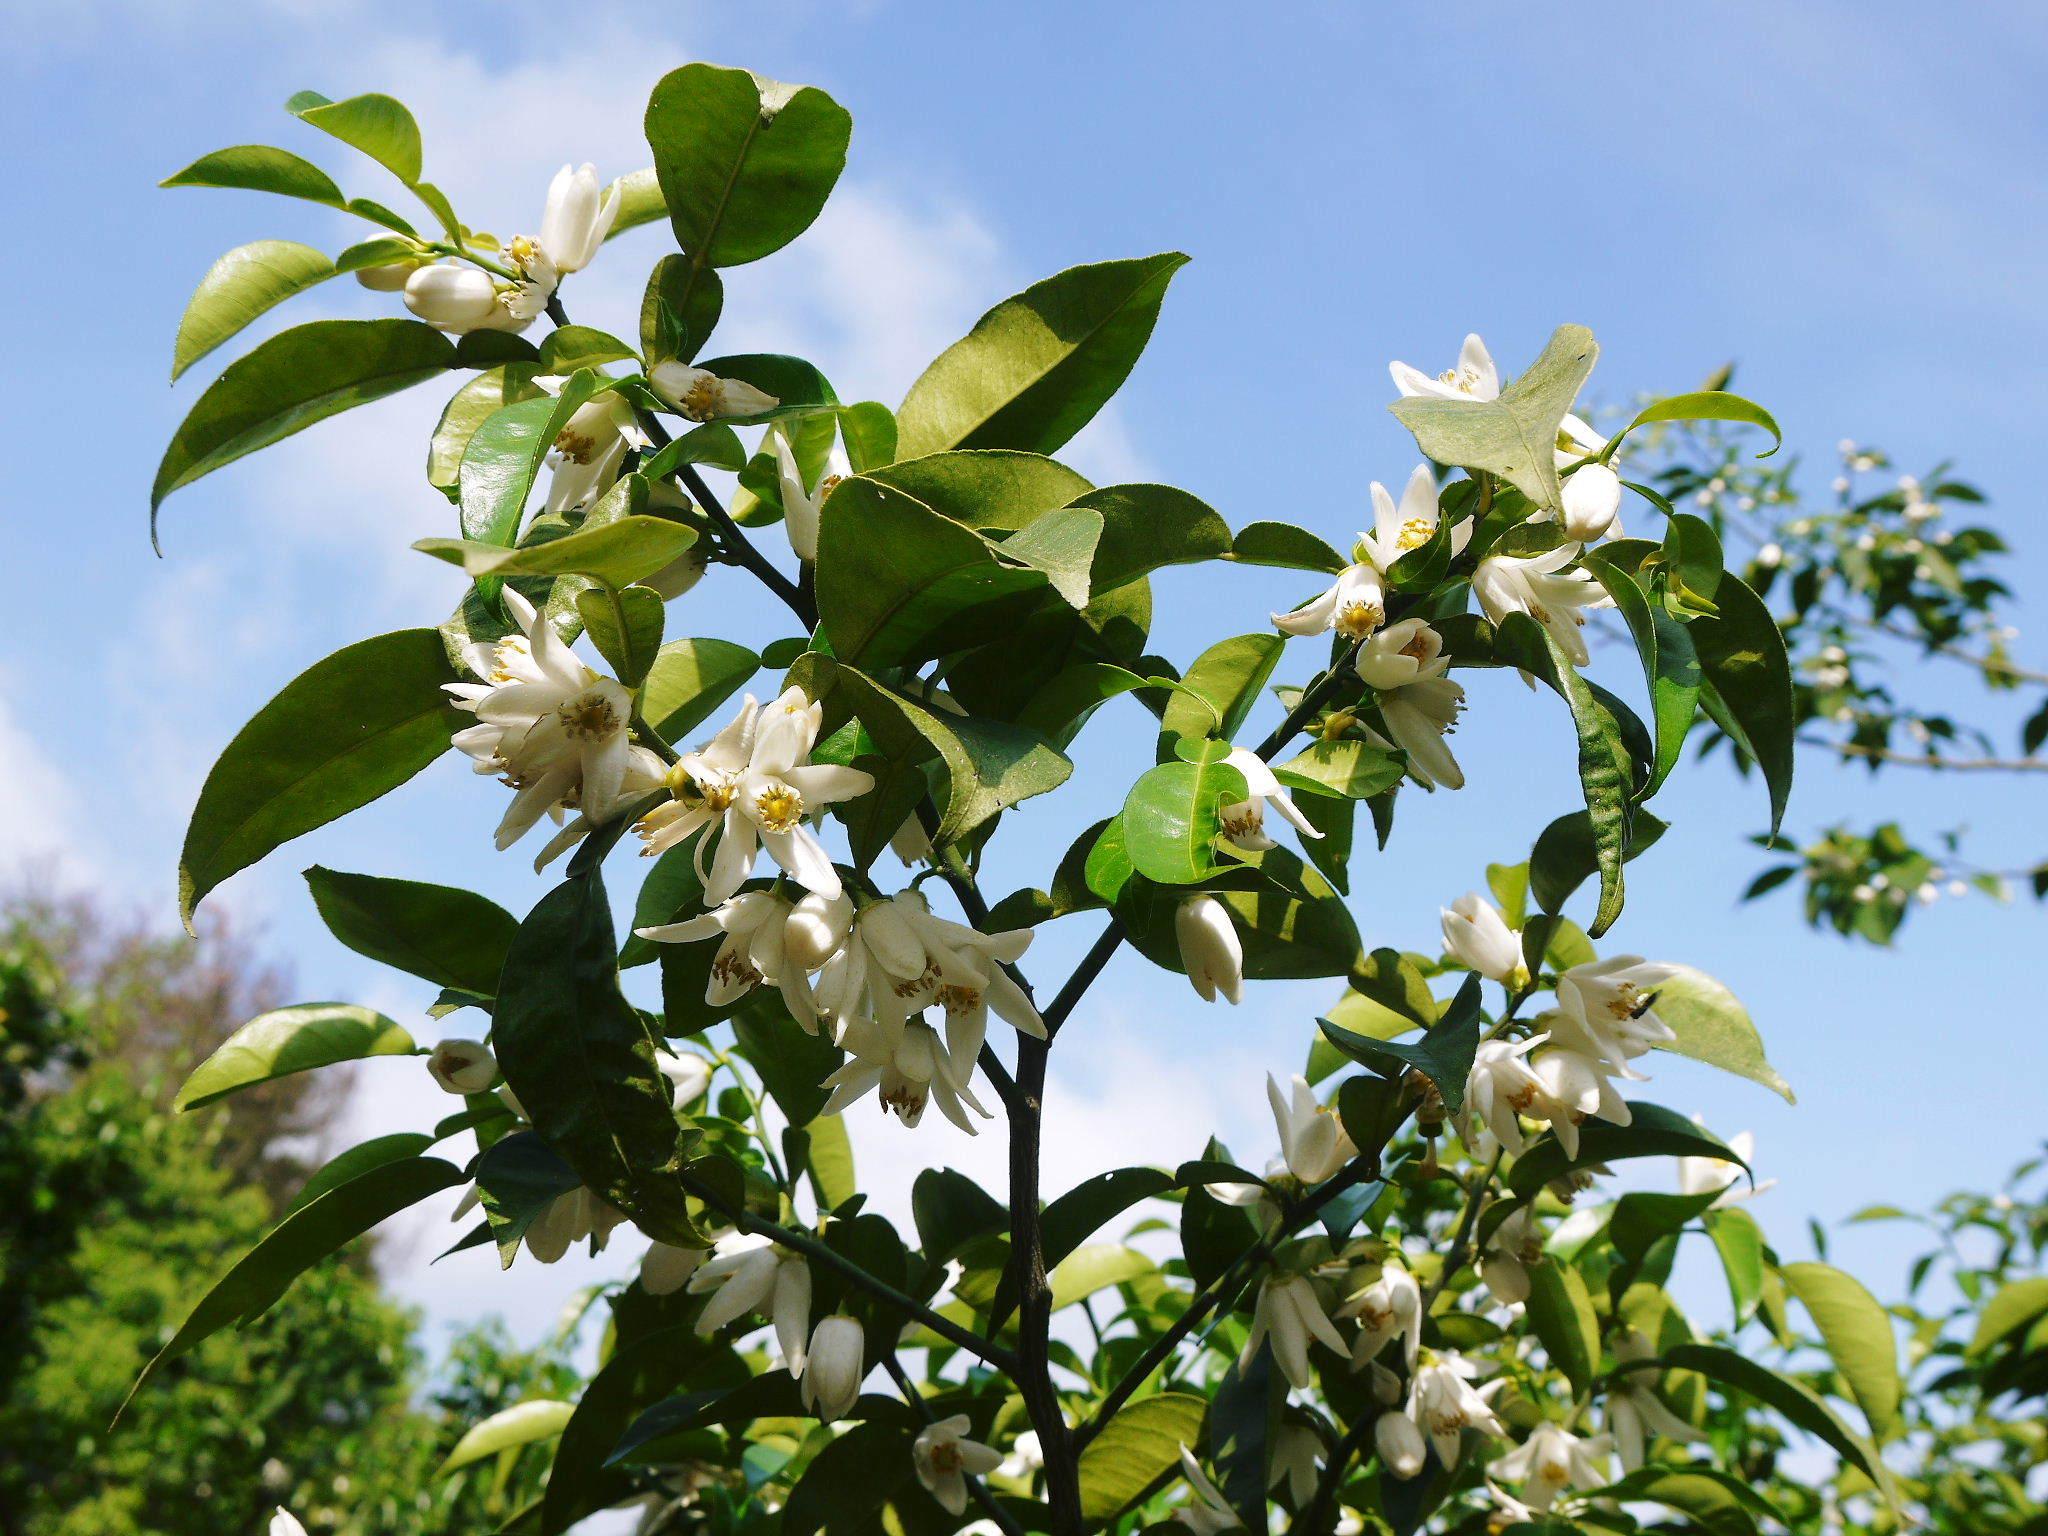 香り高き柚子(ゆず) 着果の様子を現地取材(2020) 今年もまずは青柚子を9月中旬からの出荷予定です!_a0254656_18541401.jpg